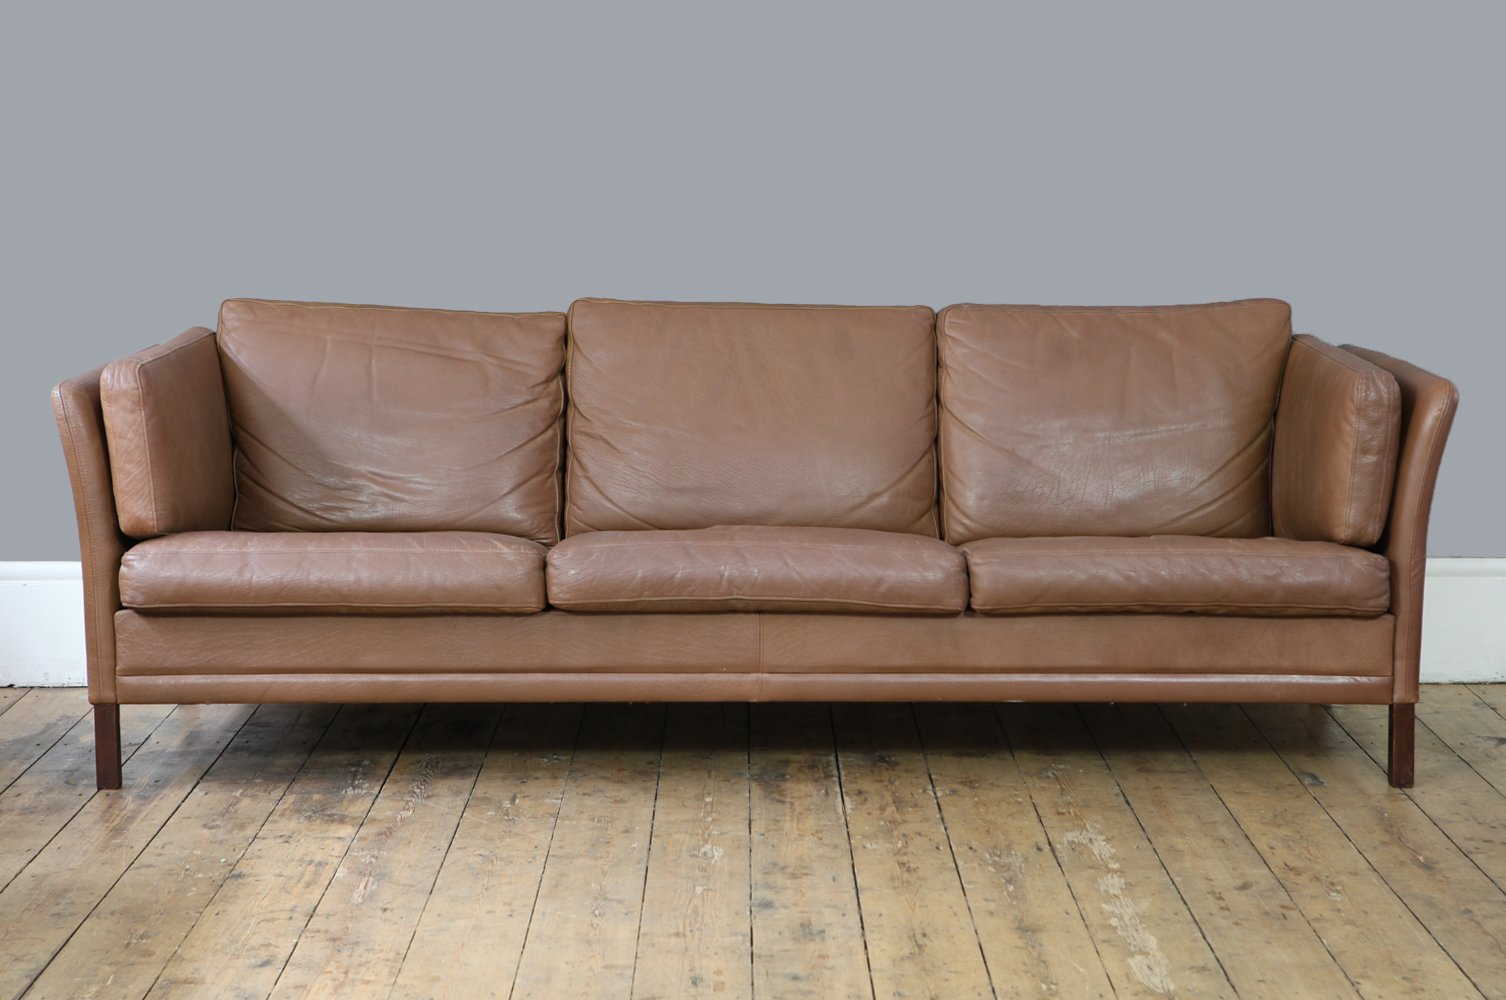 d nisches braunes vintage drei sitzer sofa bei pamono kaufen. Black Bedroom Furniture Sets. Home Design Ideas